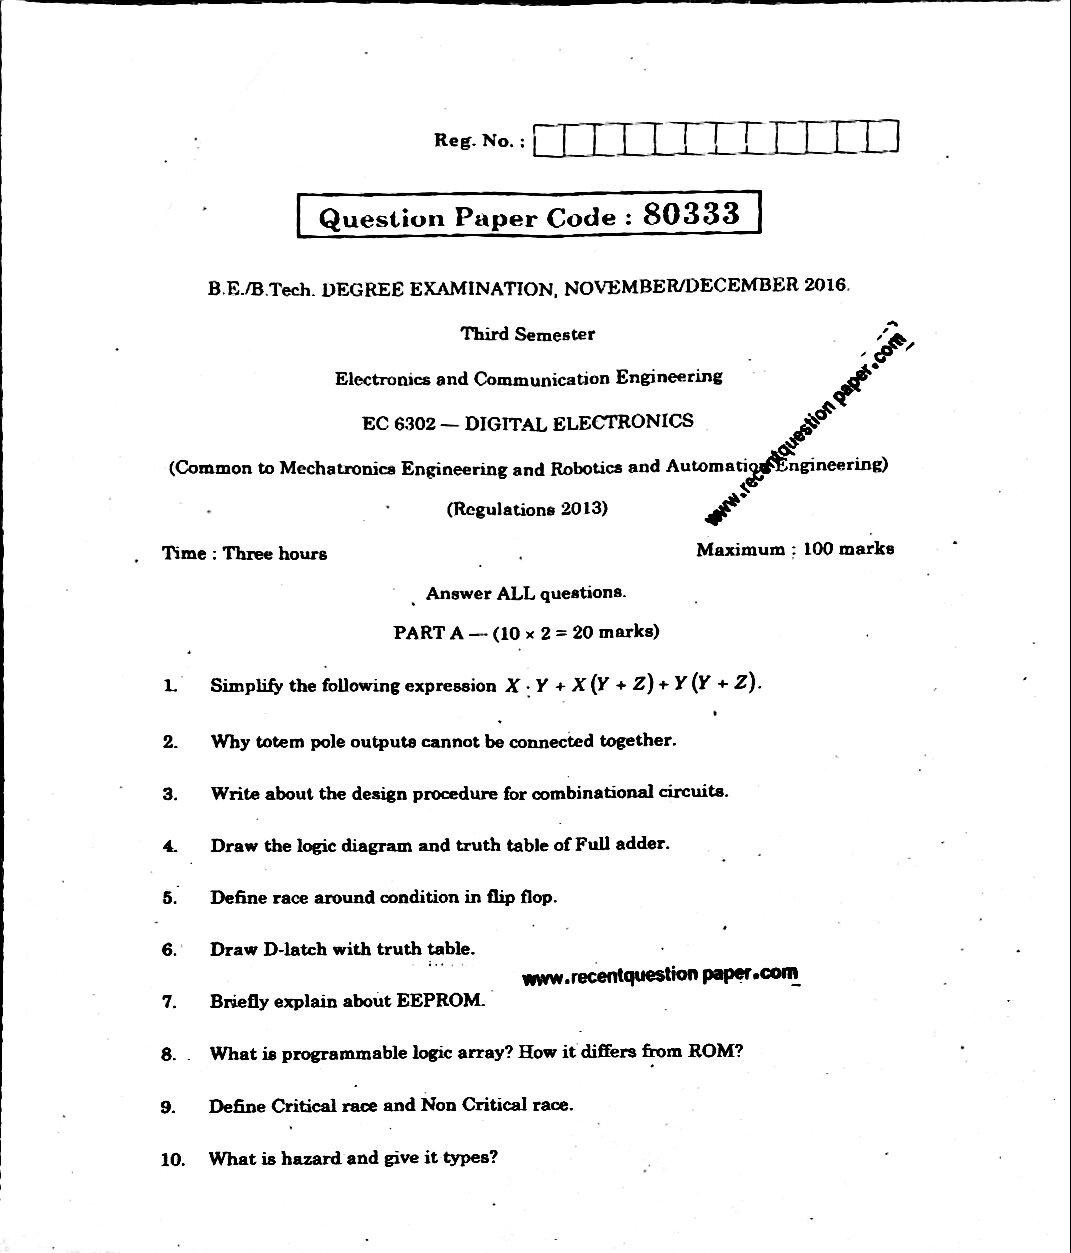 Ec6302 Digital Electronics 0 Recent Question Paper